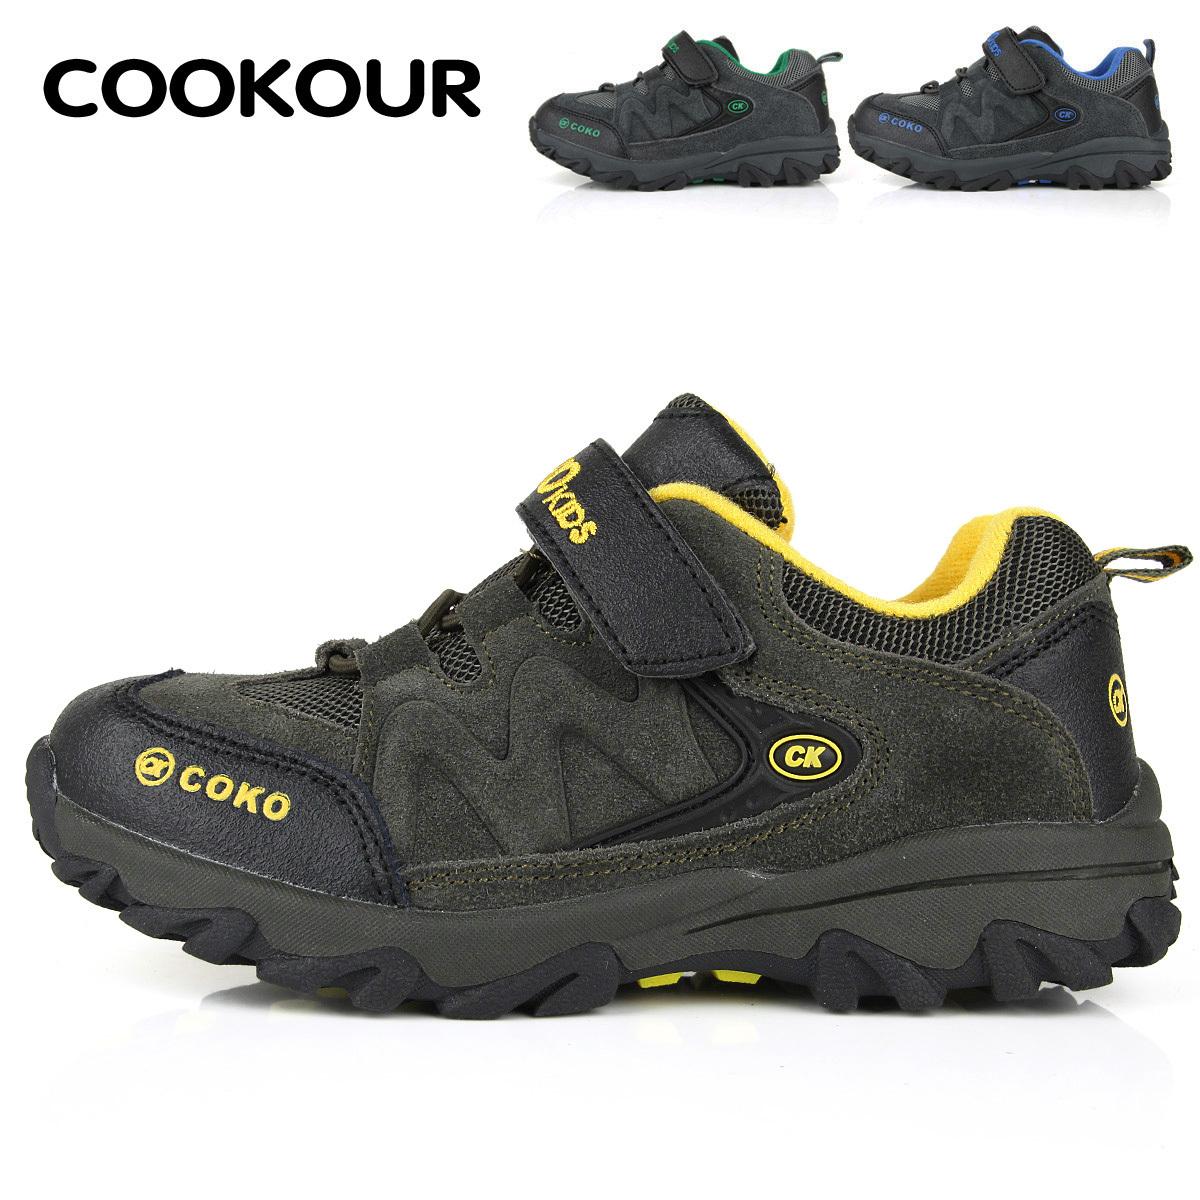 детские кроссовки Cookour ck28 Для молодых мужчин Зима Верхний слой из воловьей кожи Универсальная обувь